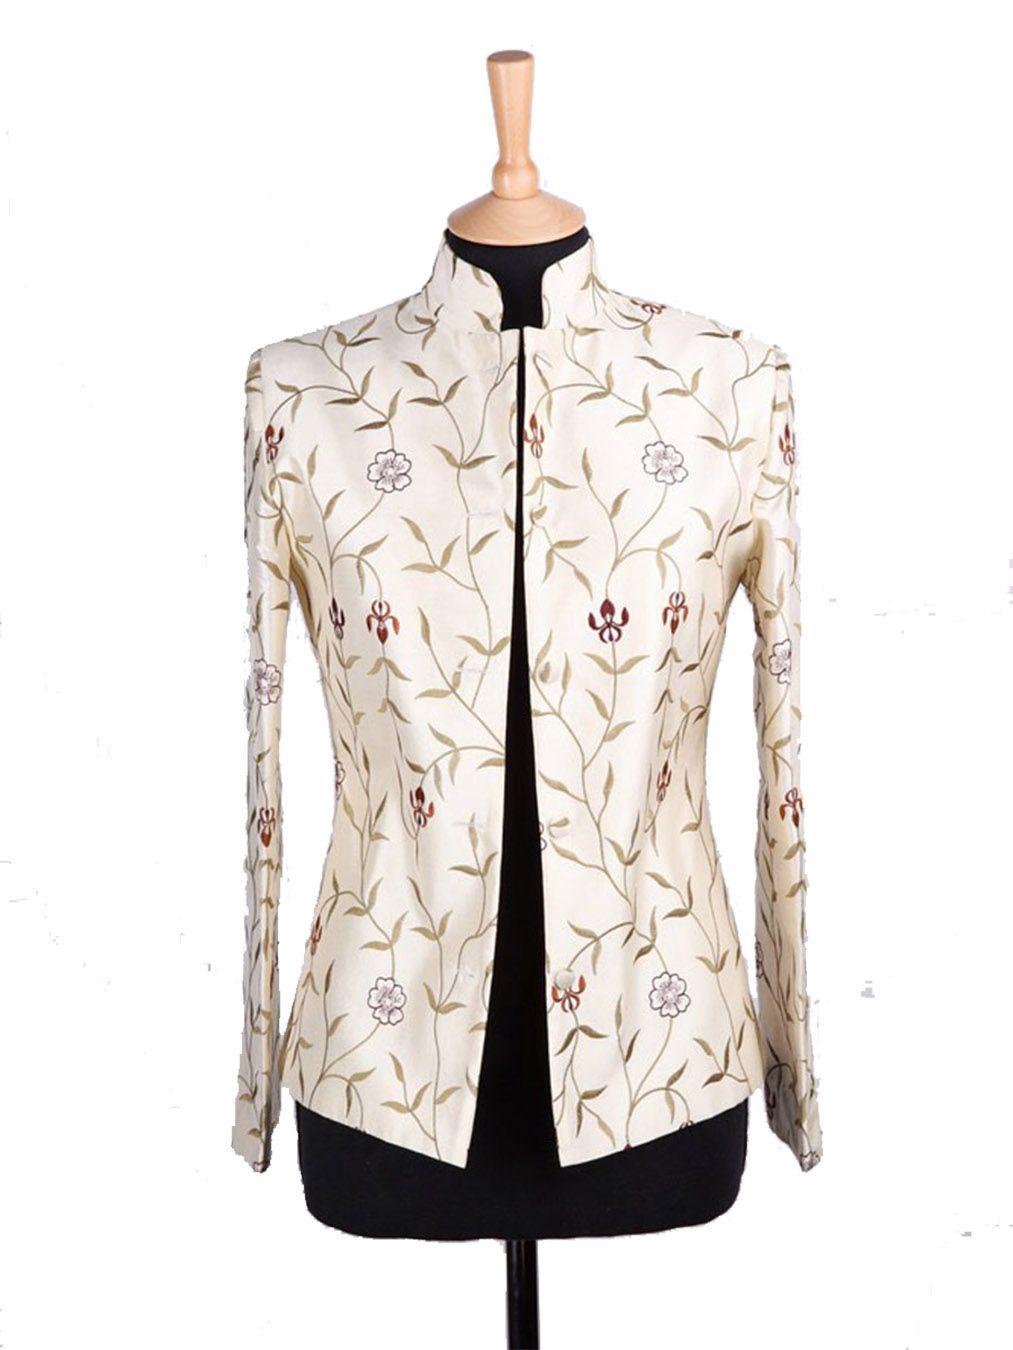 Short Nehru Jacket in Ivory | Silk jacket, Jackets, Nehru jackets